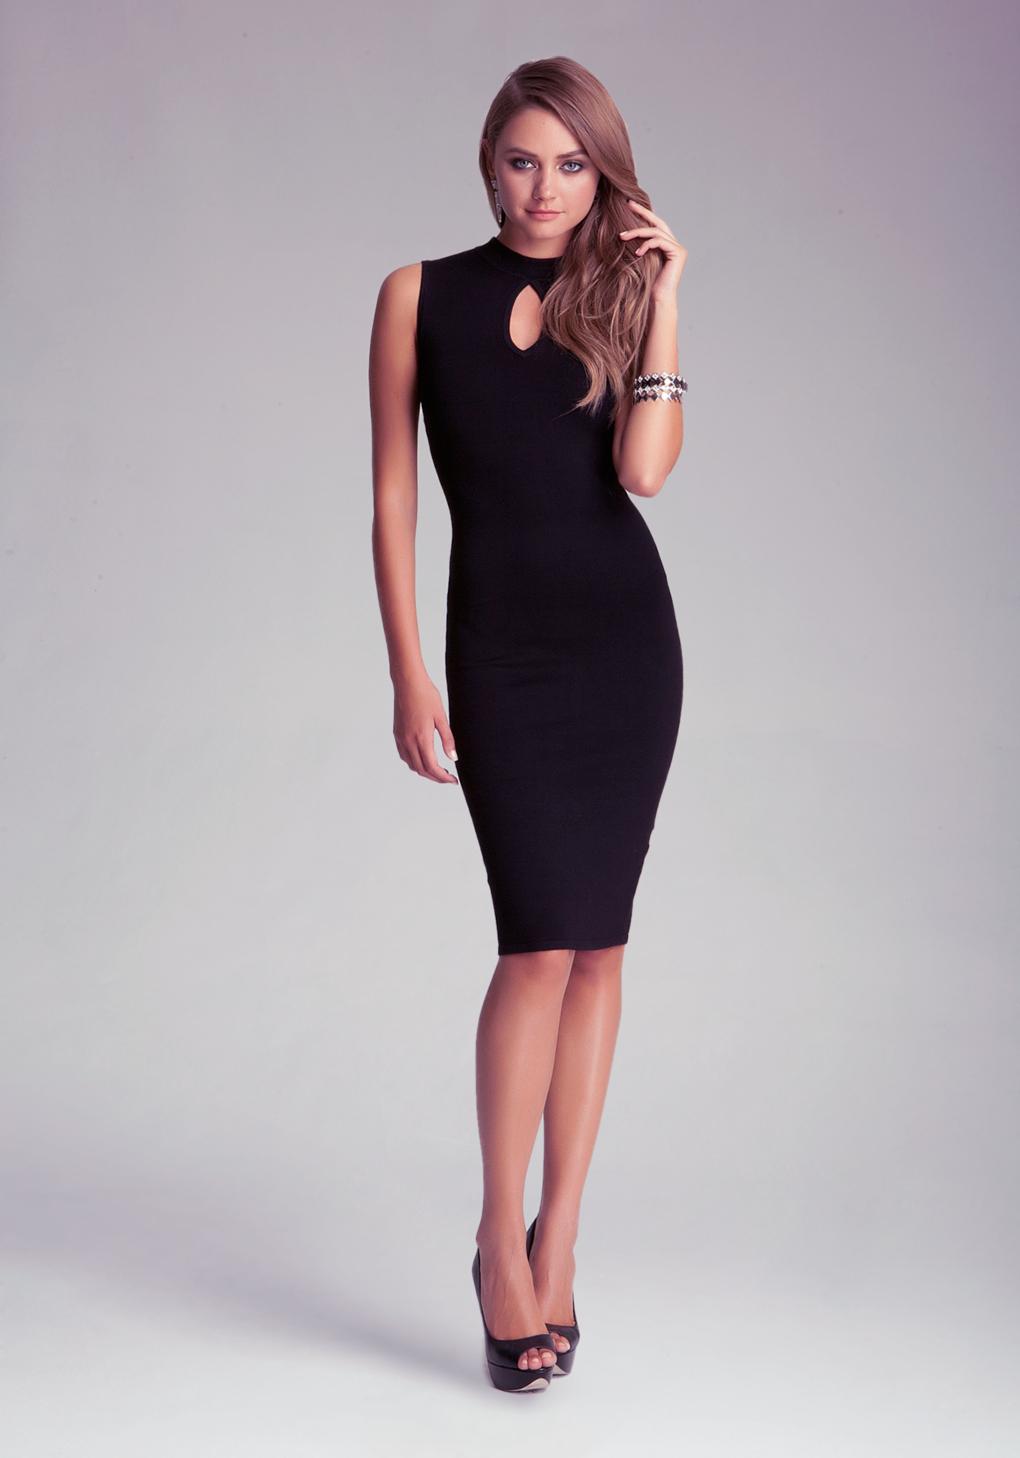 bb90f1d21a18 Bebe Petite Keyhole Midi Dress in Black - Lyst